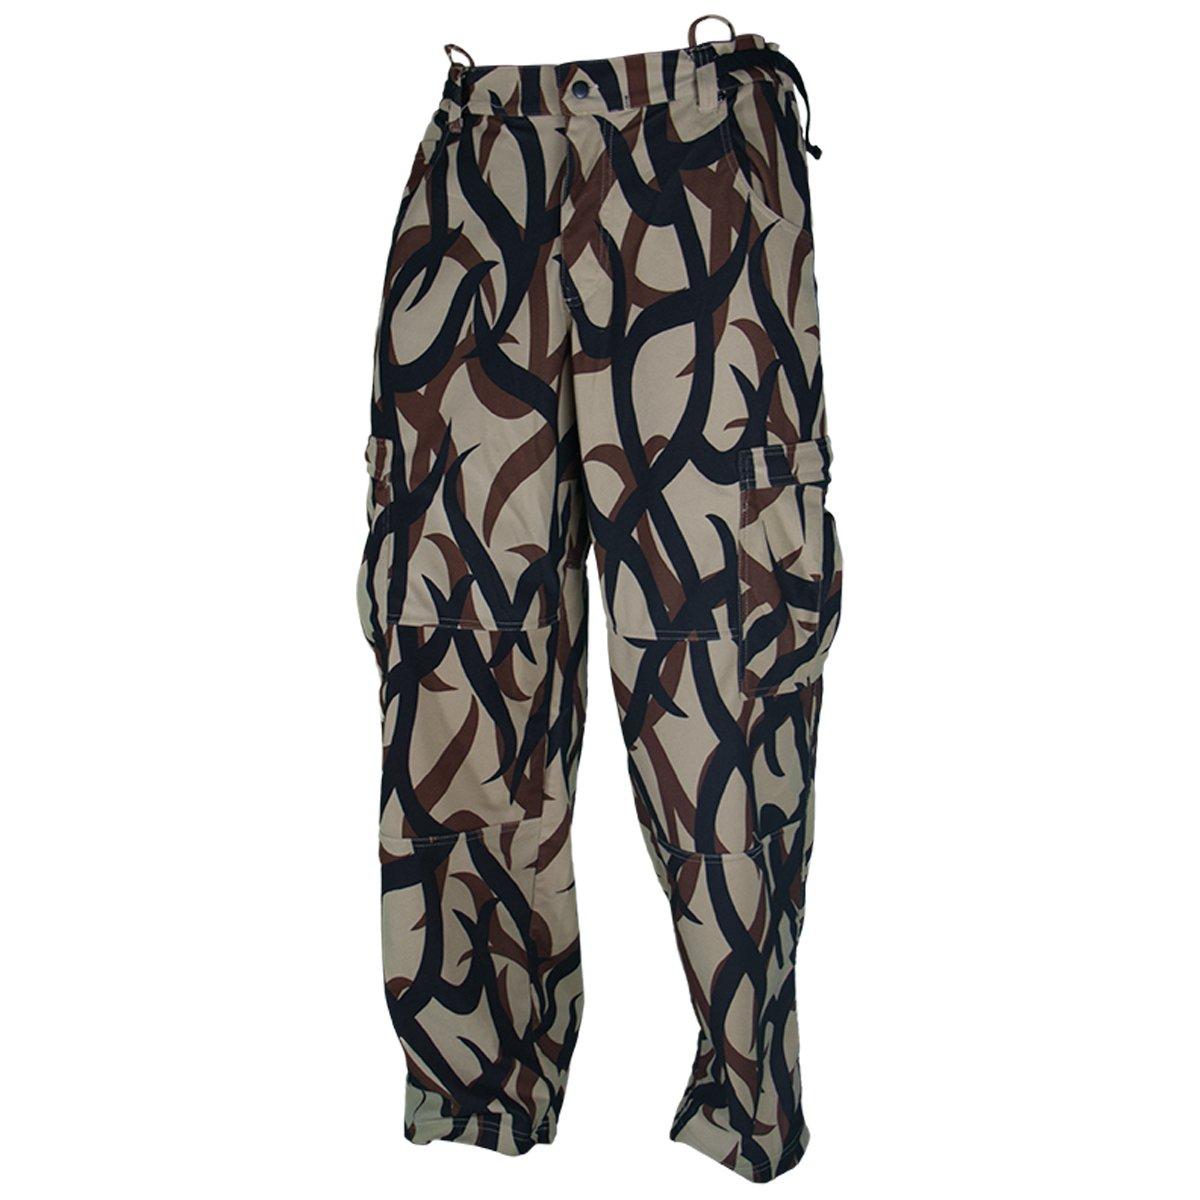 ASAT CAMOUFLAGE Elite Essential Pants, XL, CAMO